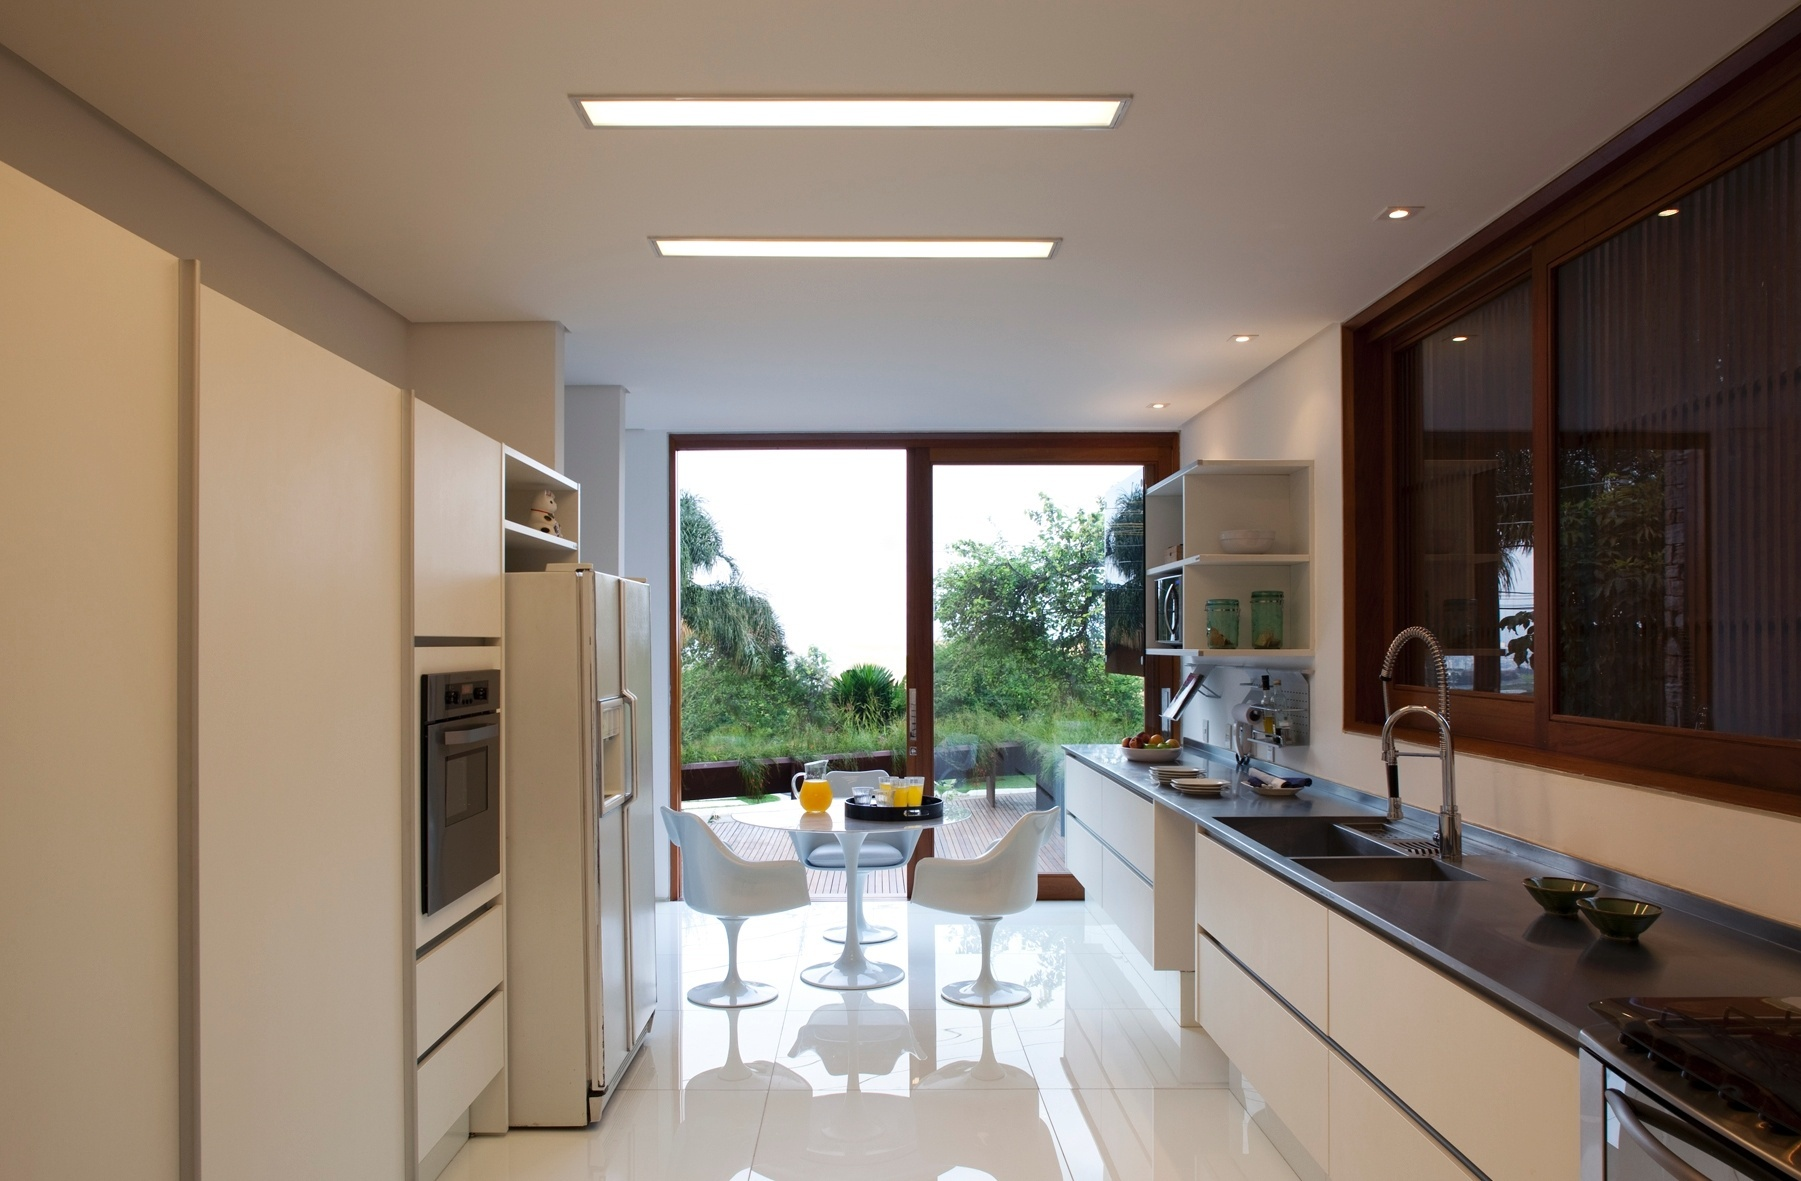 cozinha americana balcao de vidroIdéias de decoração para casa #2D201B 1801 1181